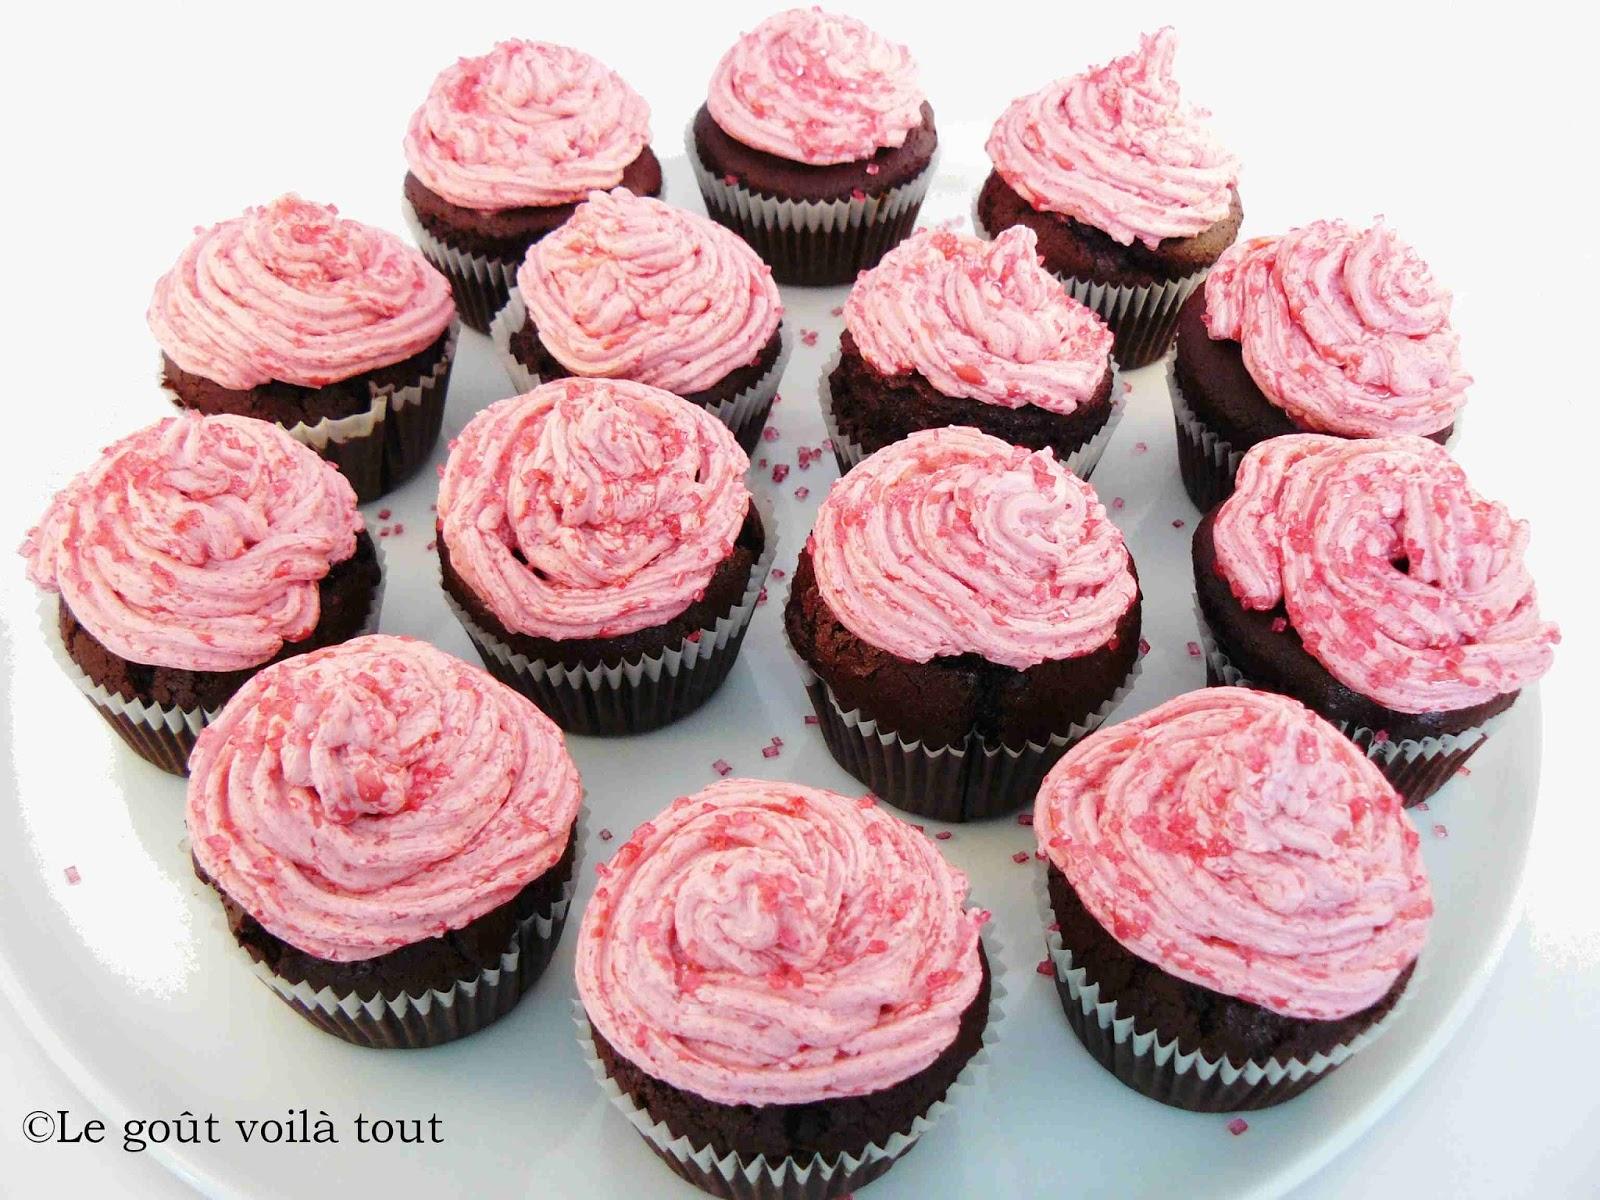 Cupcakes au chocolat et leur glaçage framboises